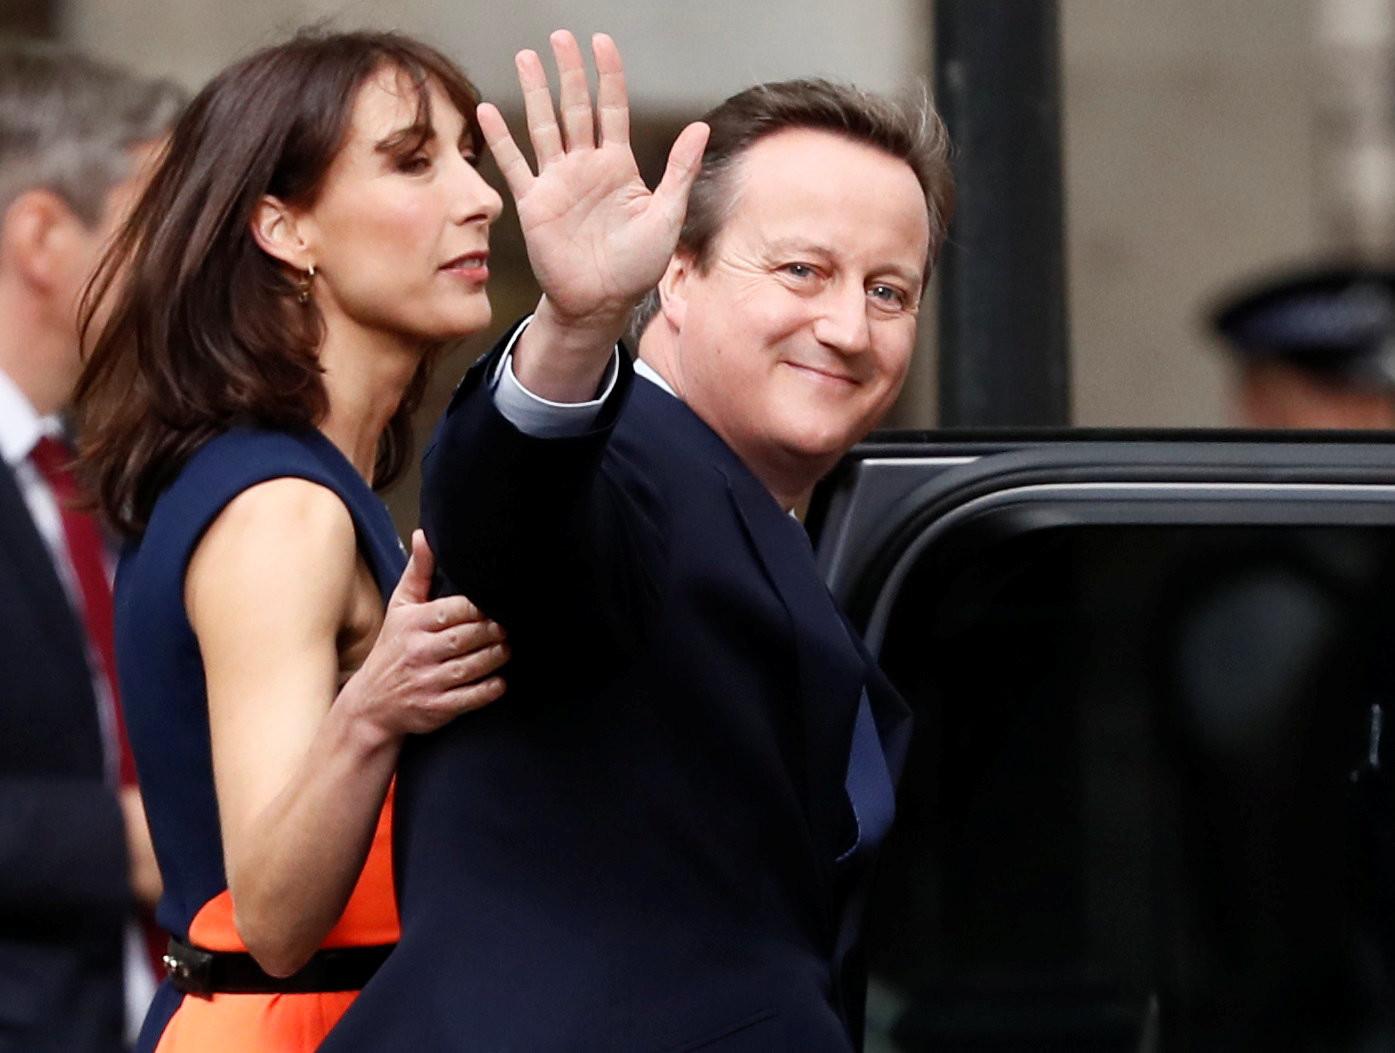 Теперь официально. Дэвид Кэмерон покинул пост премьер-министра Великобритании